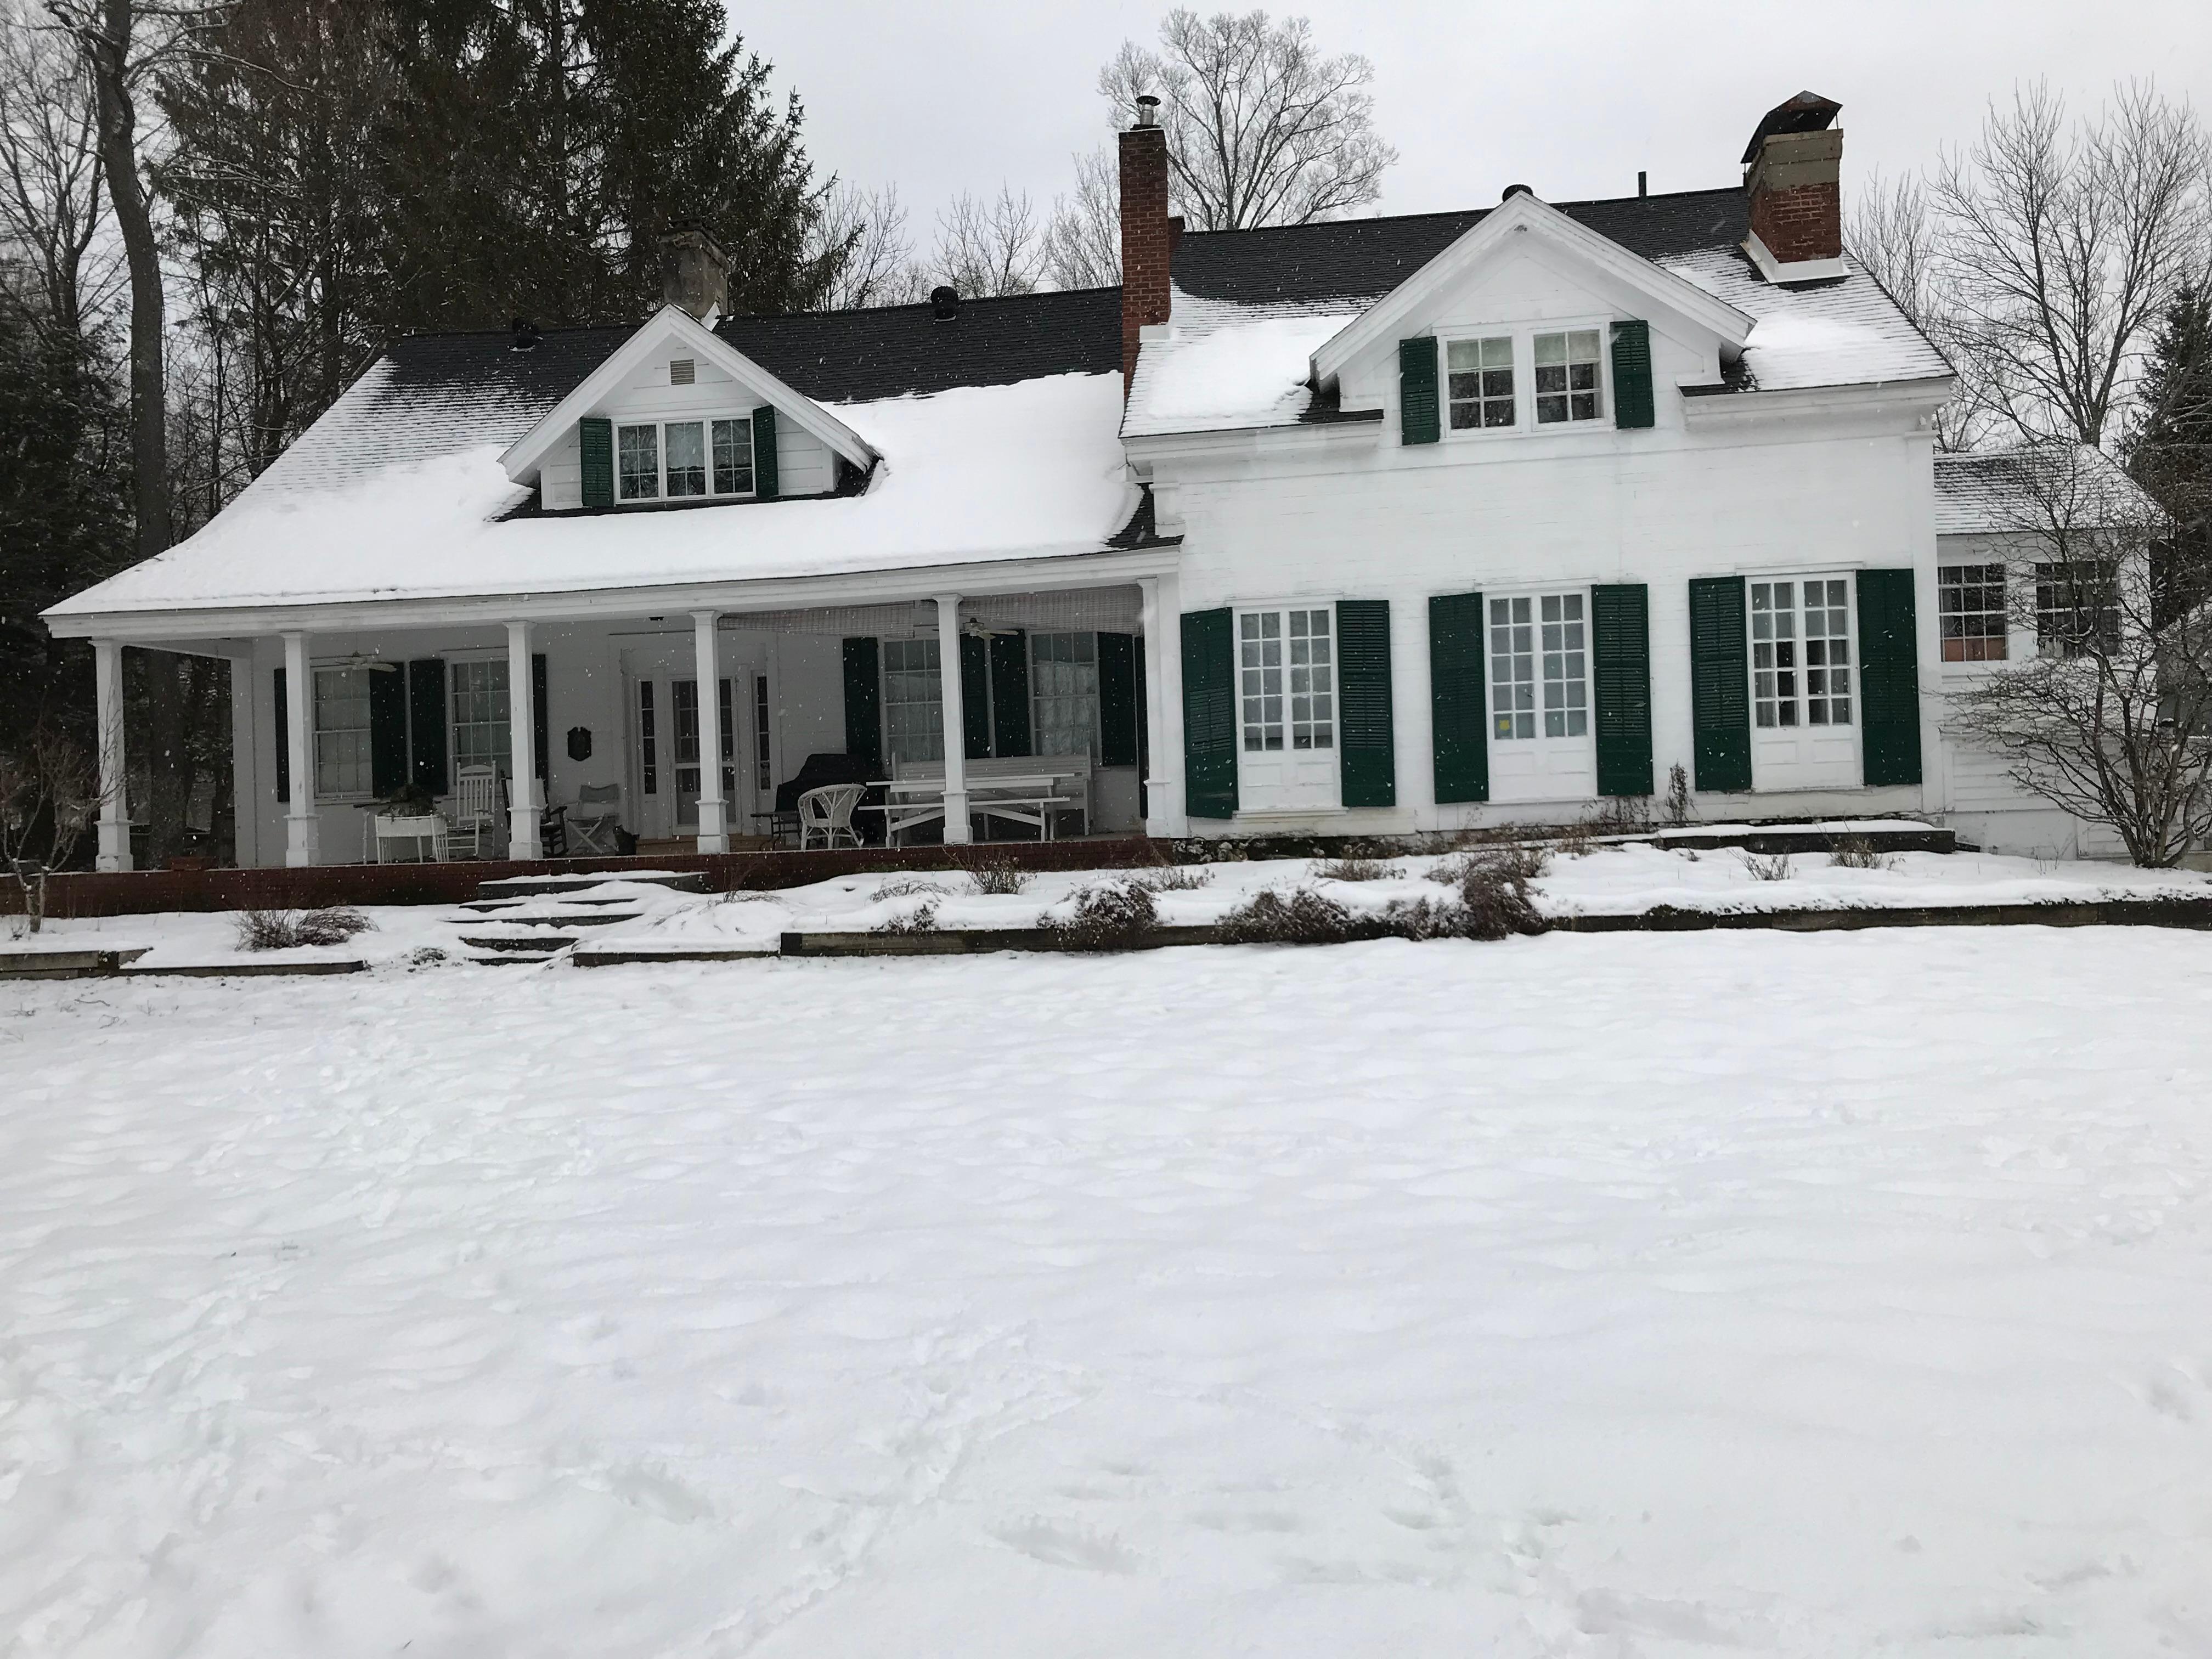 The Golden Maple Tree Inn image 1